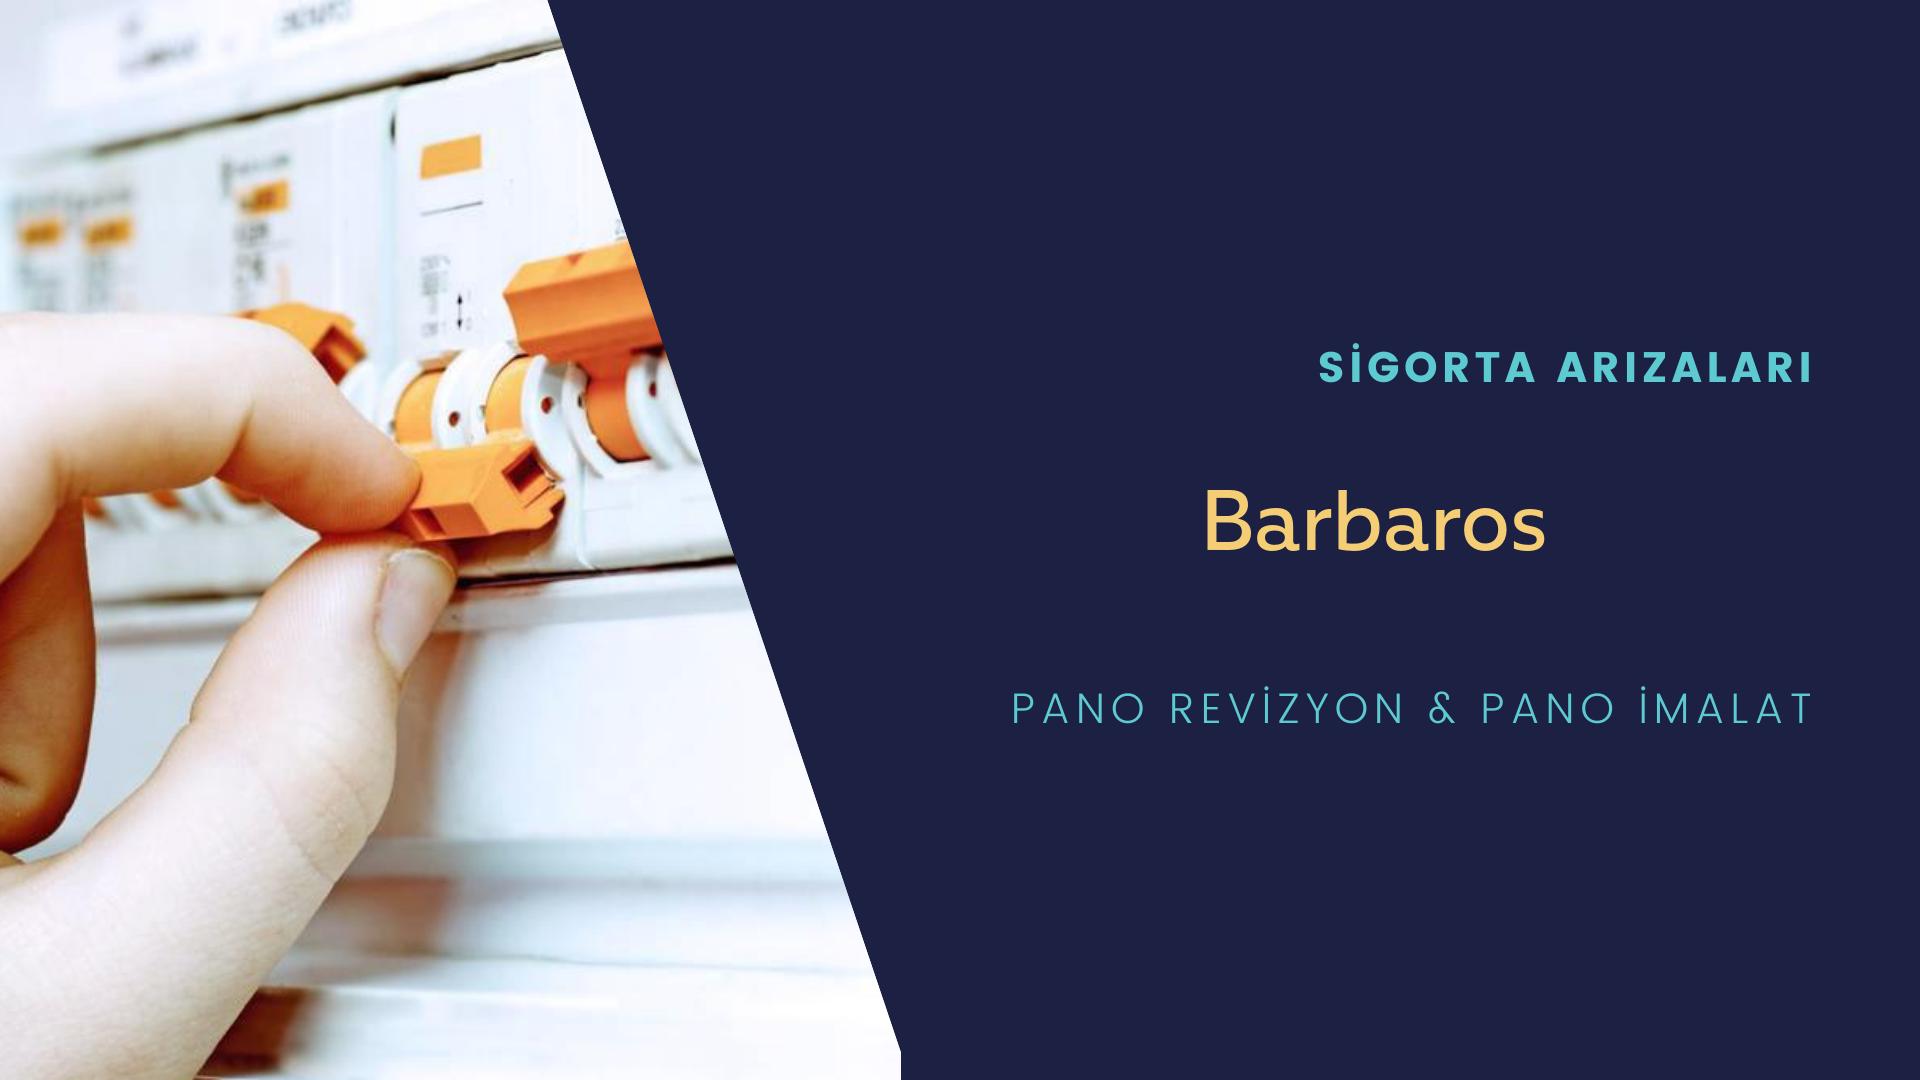 Barbaros  Sigorta Arızaları İçin Profesyonel Elektrikçi ustalarımızı dilediğiniz zaman arayabilir talepte bulunabilirsiniz.